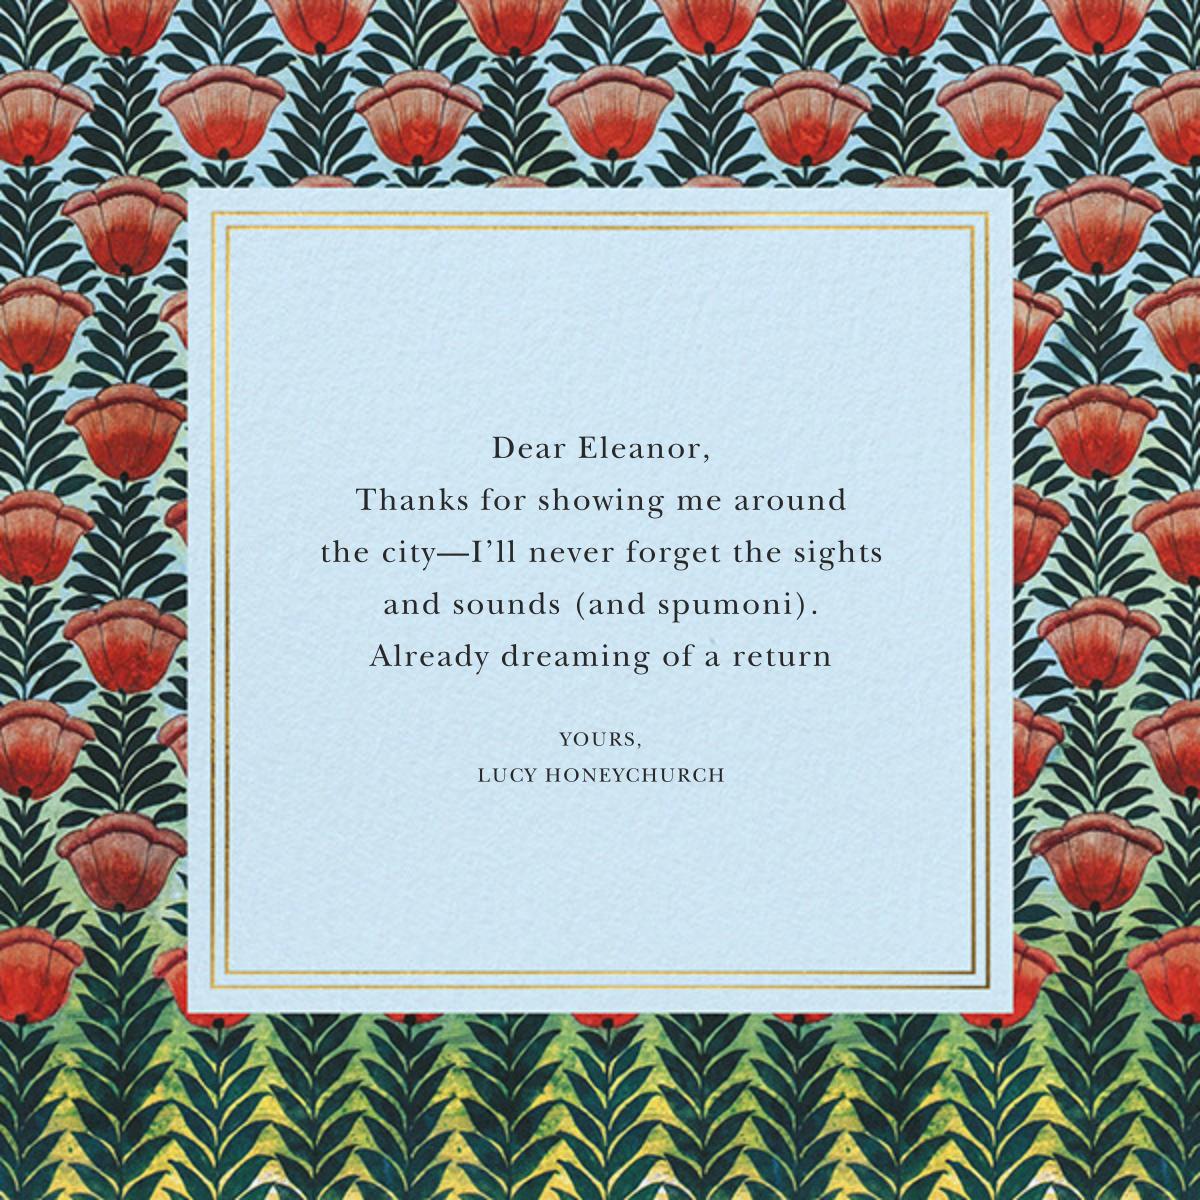 Climbing Poppies - Oscar de la Renta - Thank you